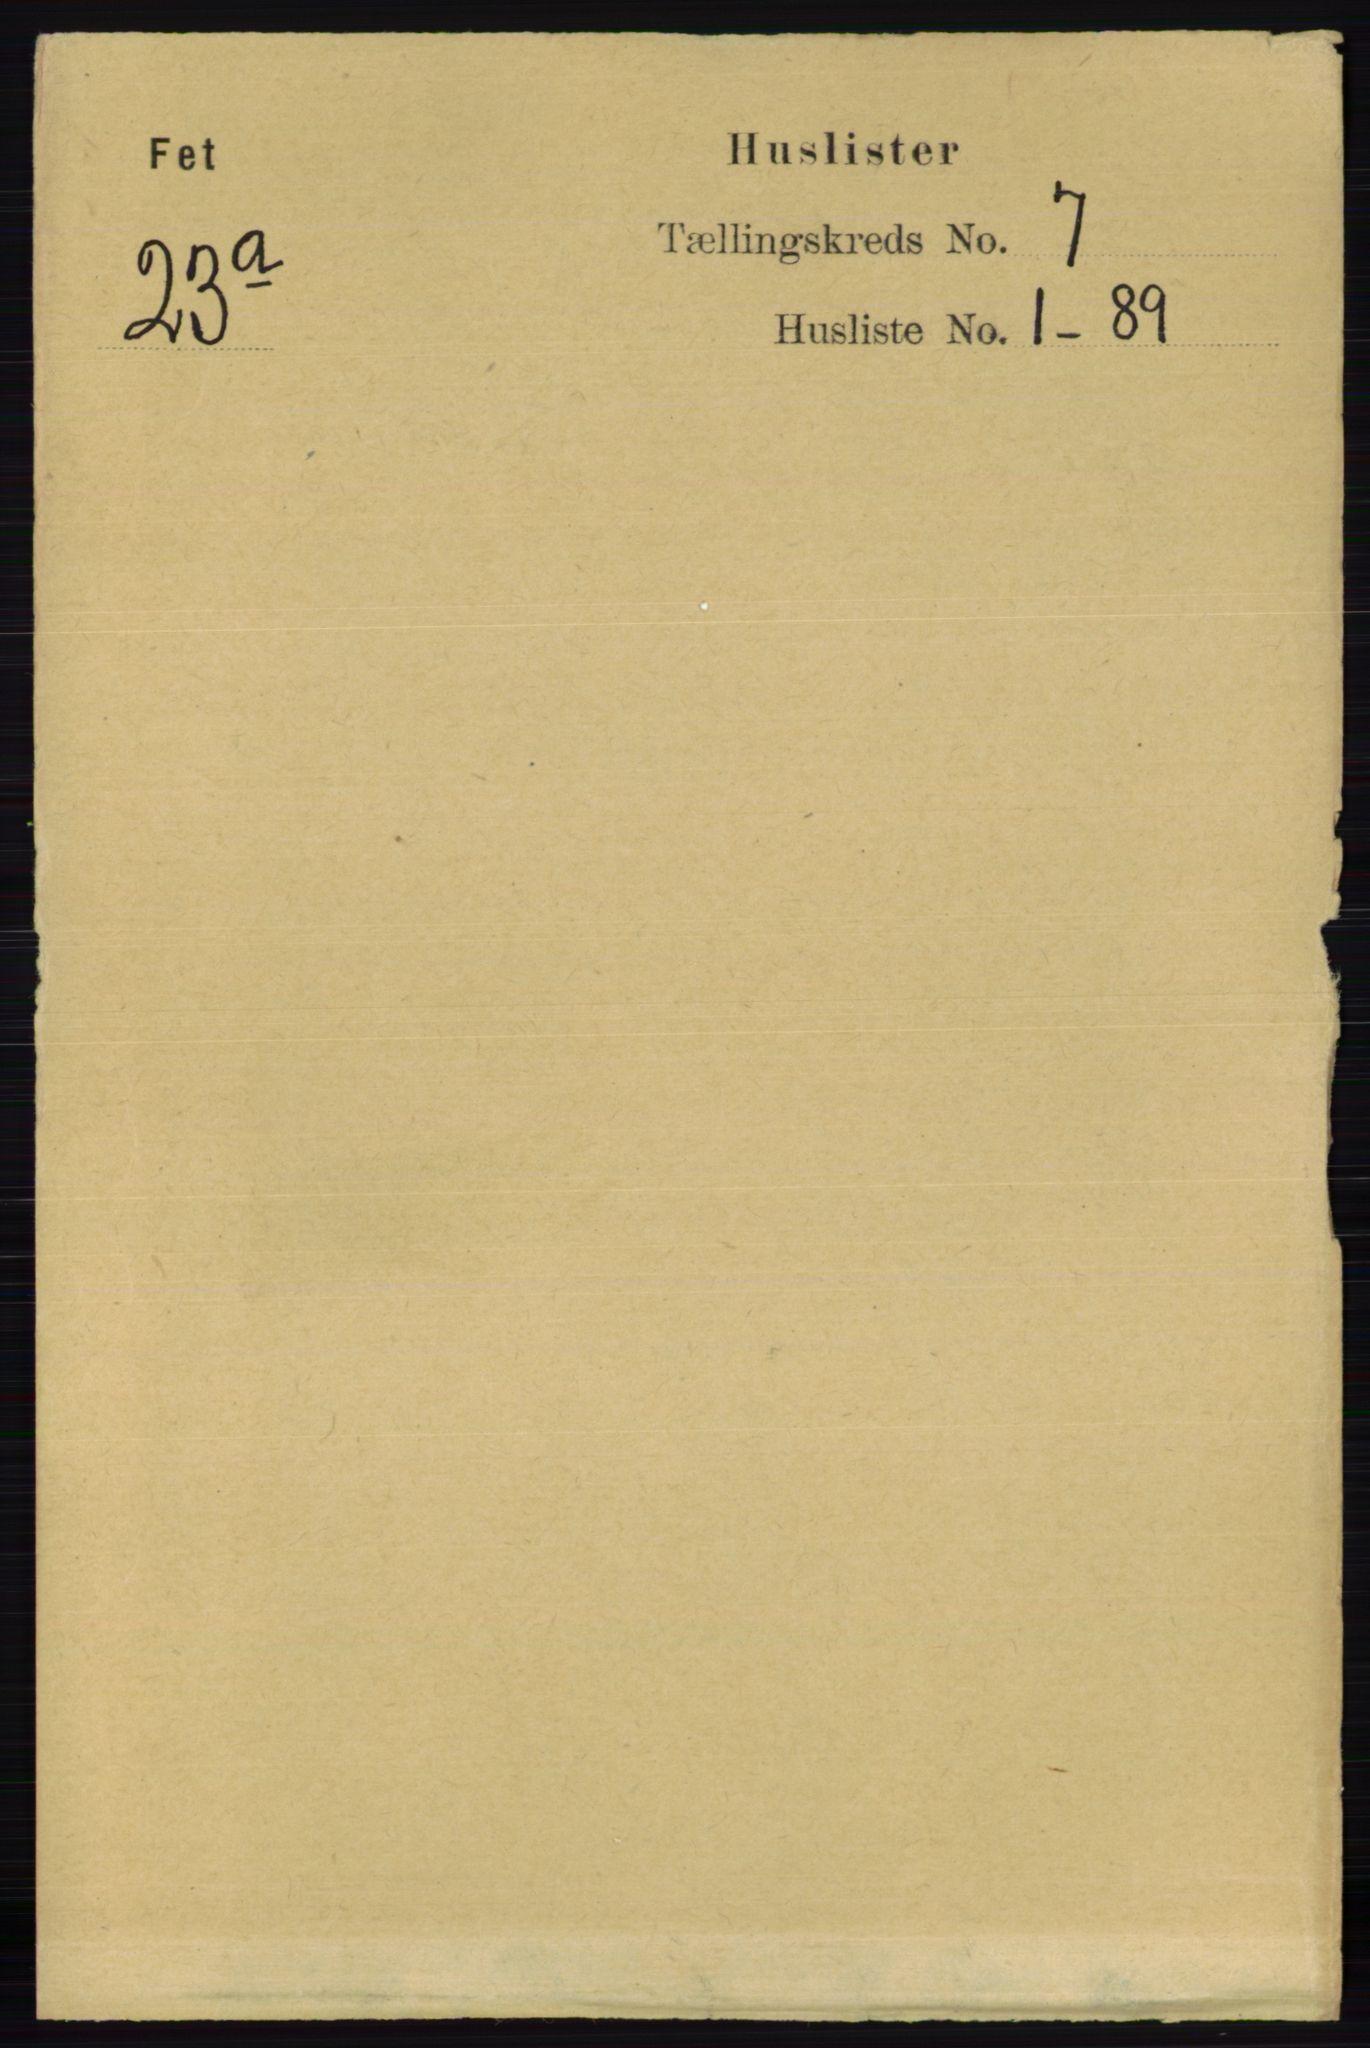 RA, Folketelling 1891 for 0227 Fet herred, 1891, s. 2350